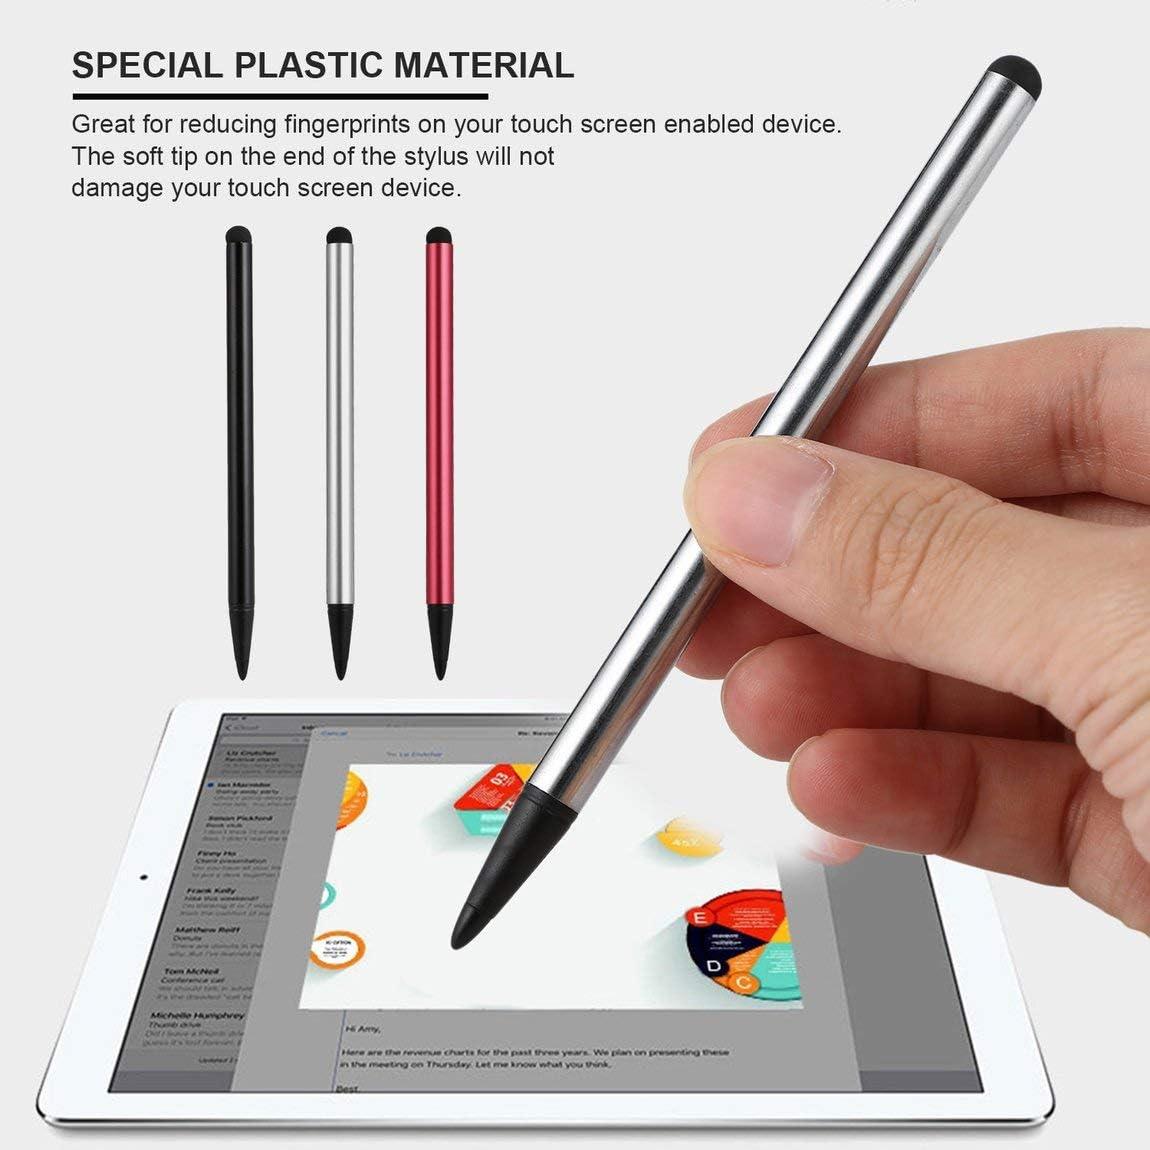 Color: Plateado 73JohnPol 1 UNID Punta Dura Resistente de l/ápiz /óptico para Juego de Pantalla t/áctil de Resistencia para el tel/éfono Inteligente de Tableta Universal